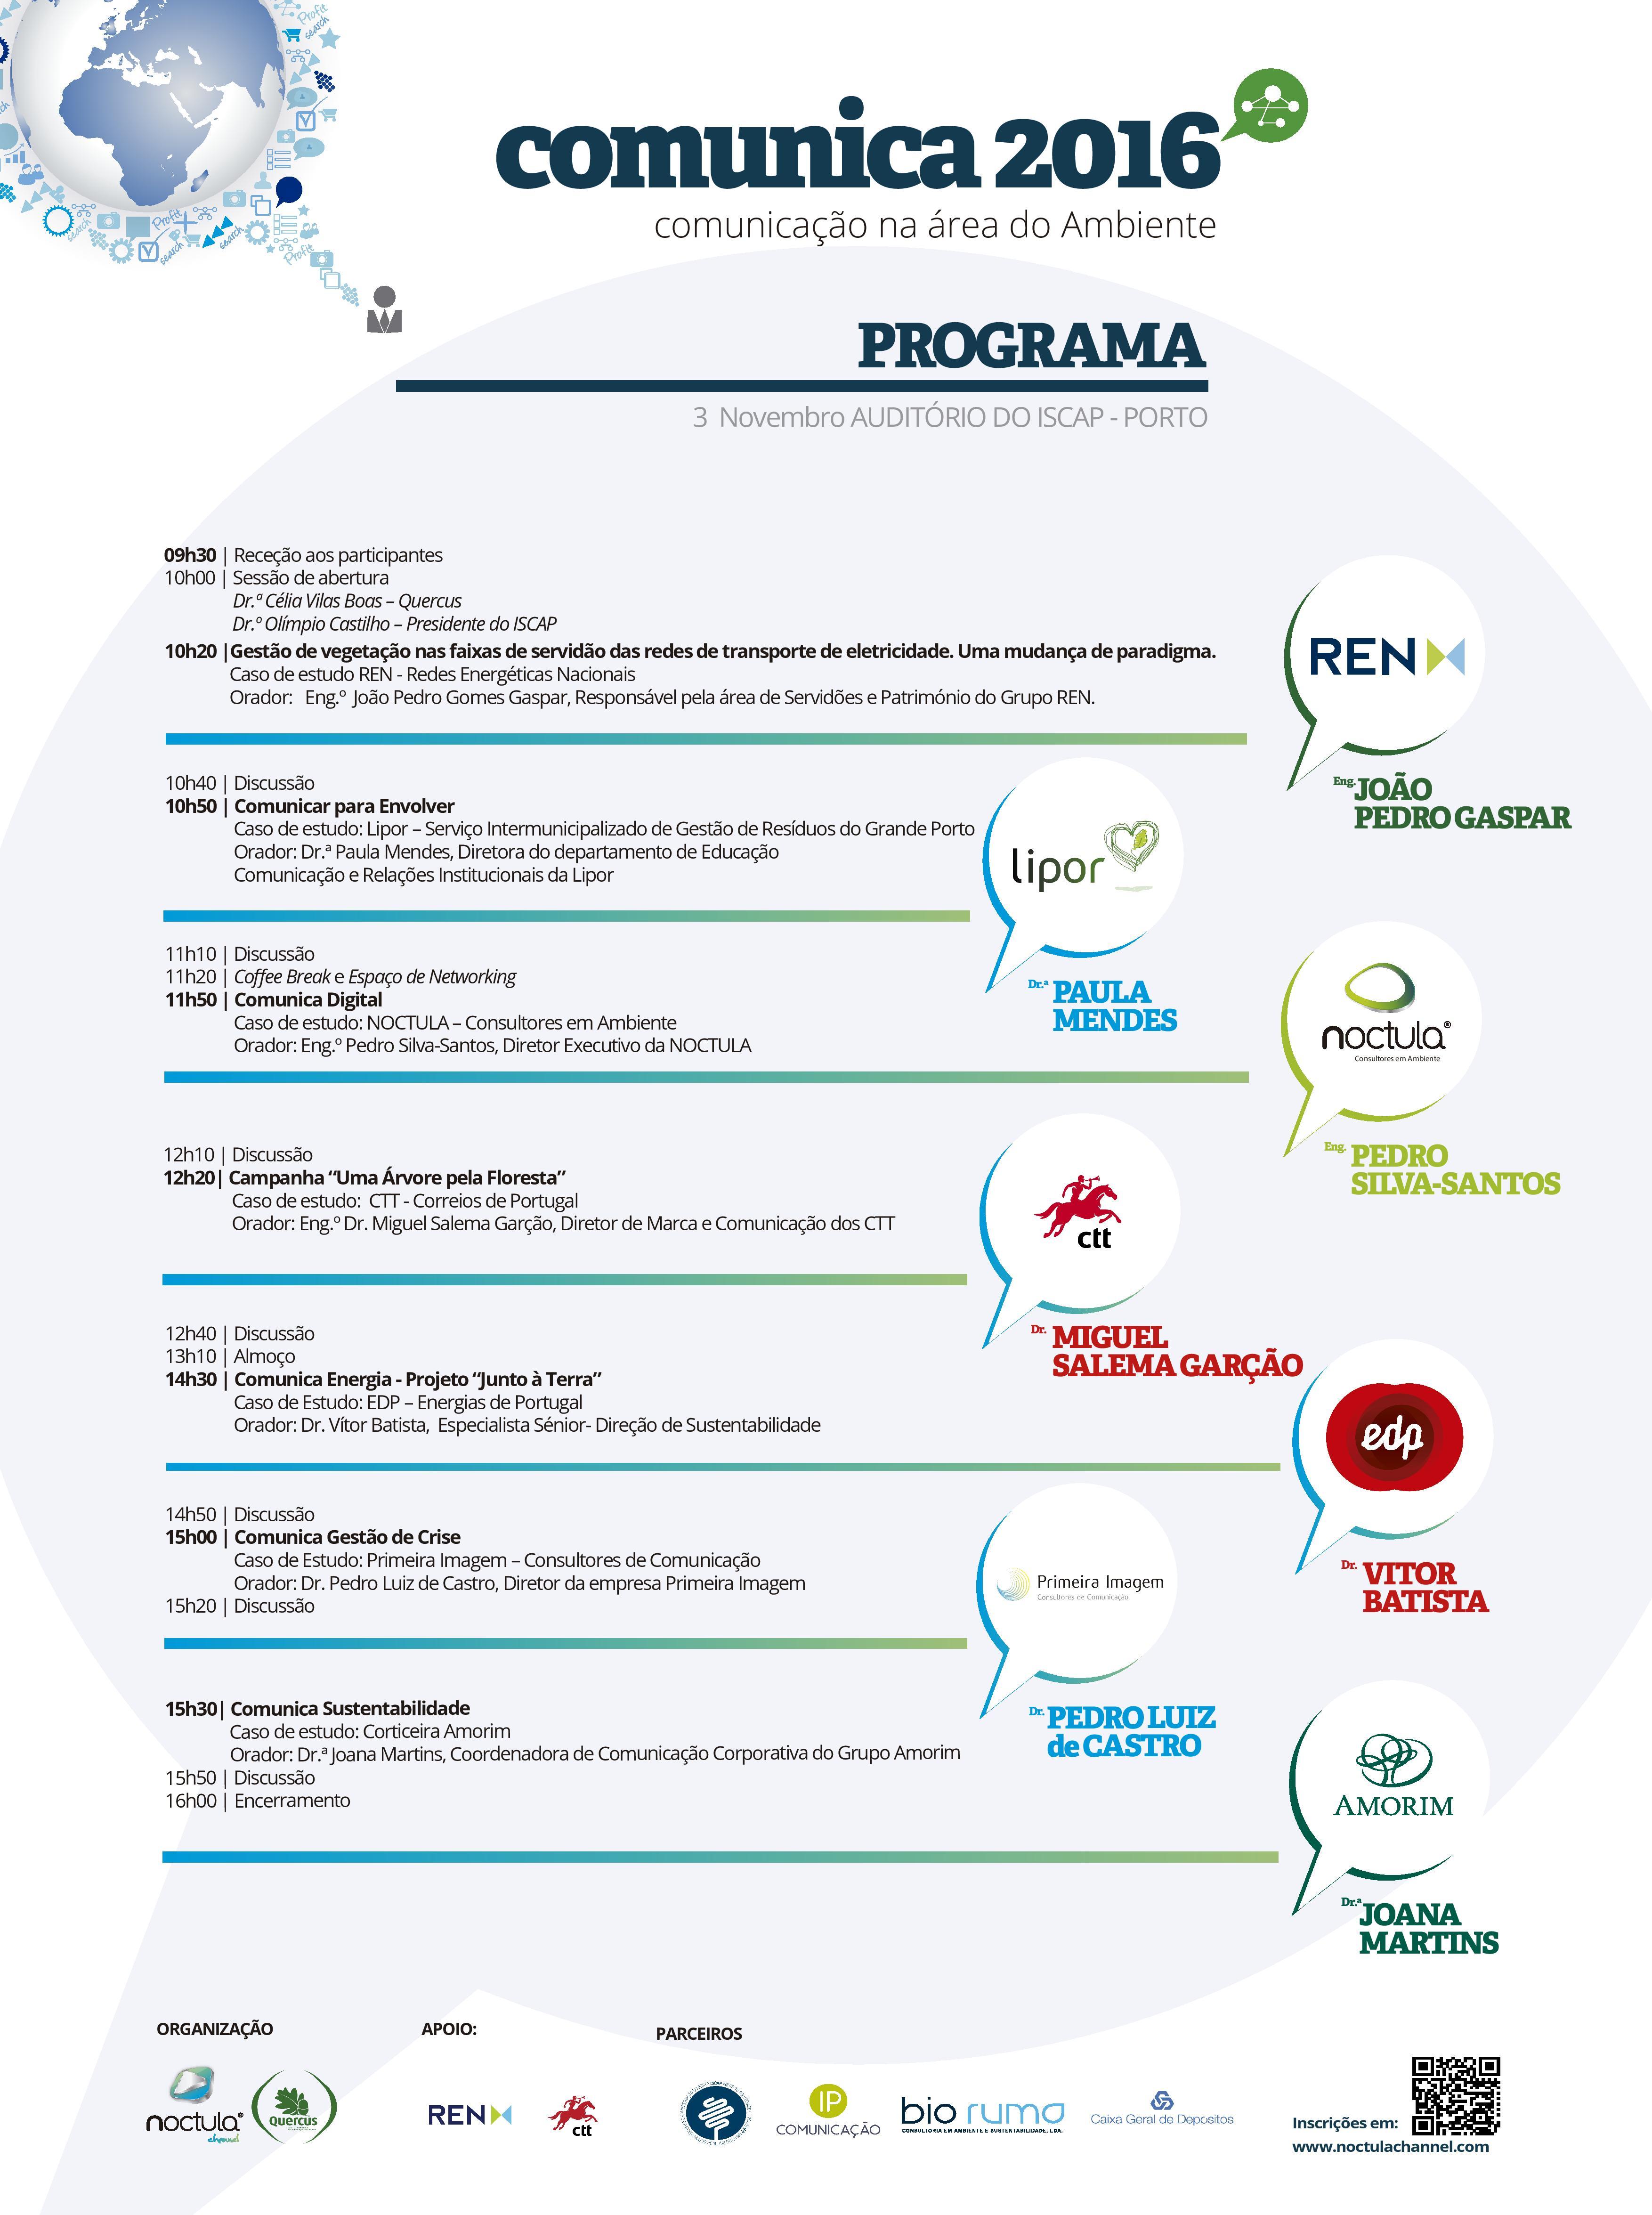 comunica-2016-programa